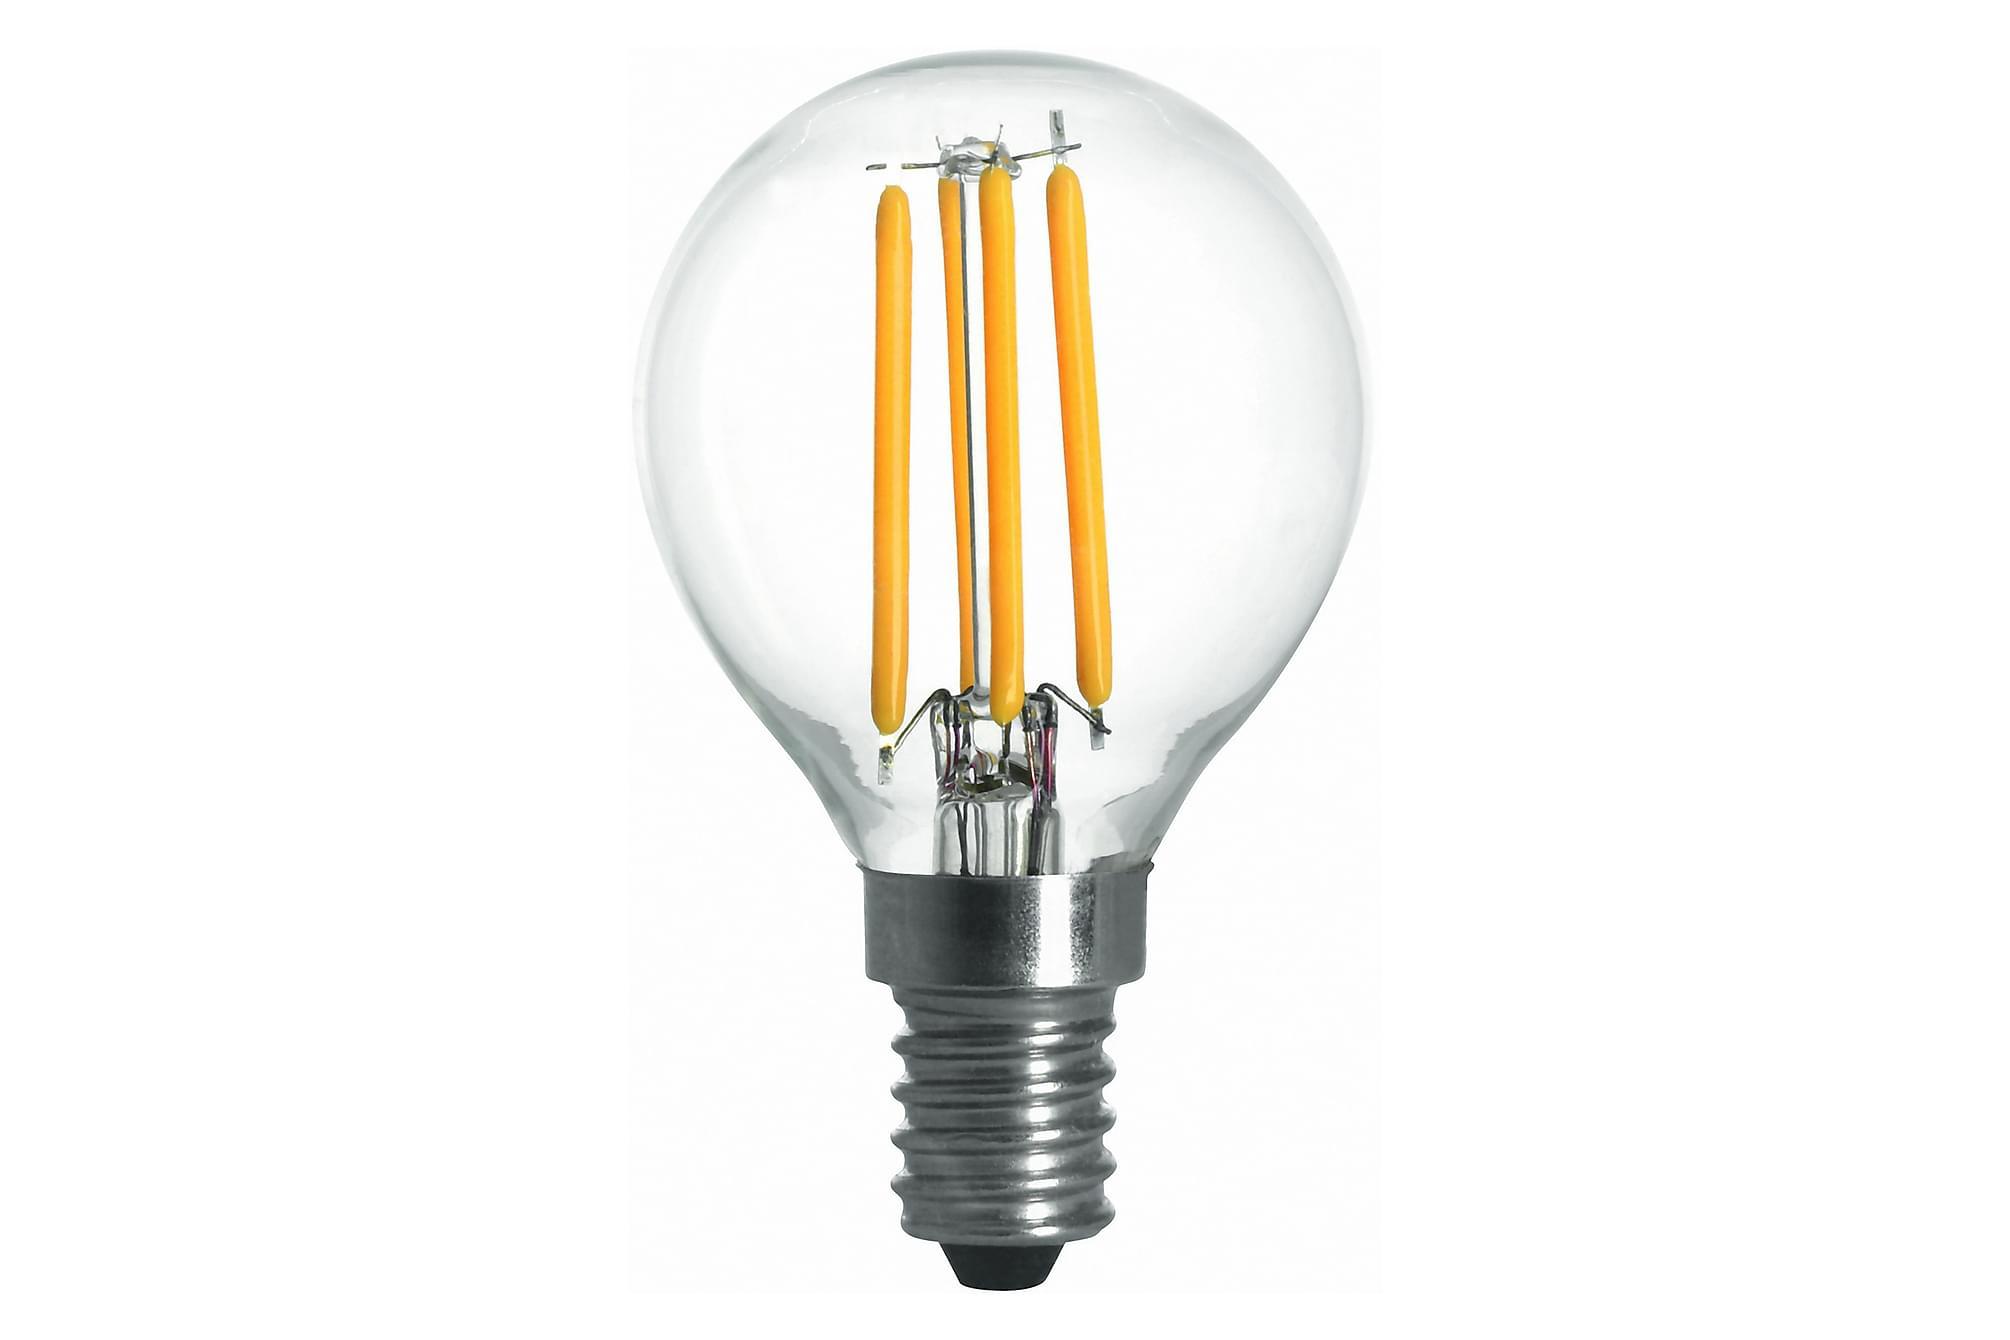 KIBBLE LED-lampa 1,8W E14 2700K Filament Klar, Glödlampor & ljuskällor